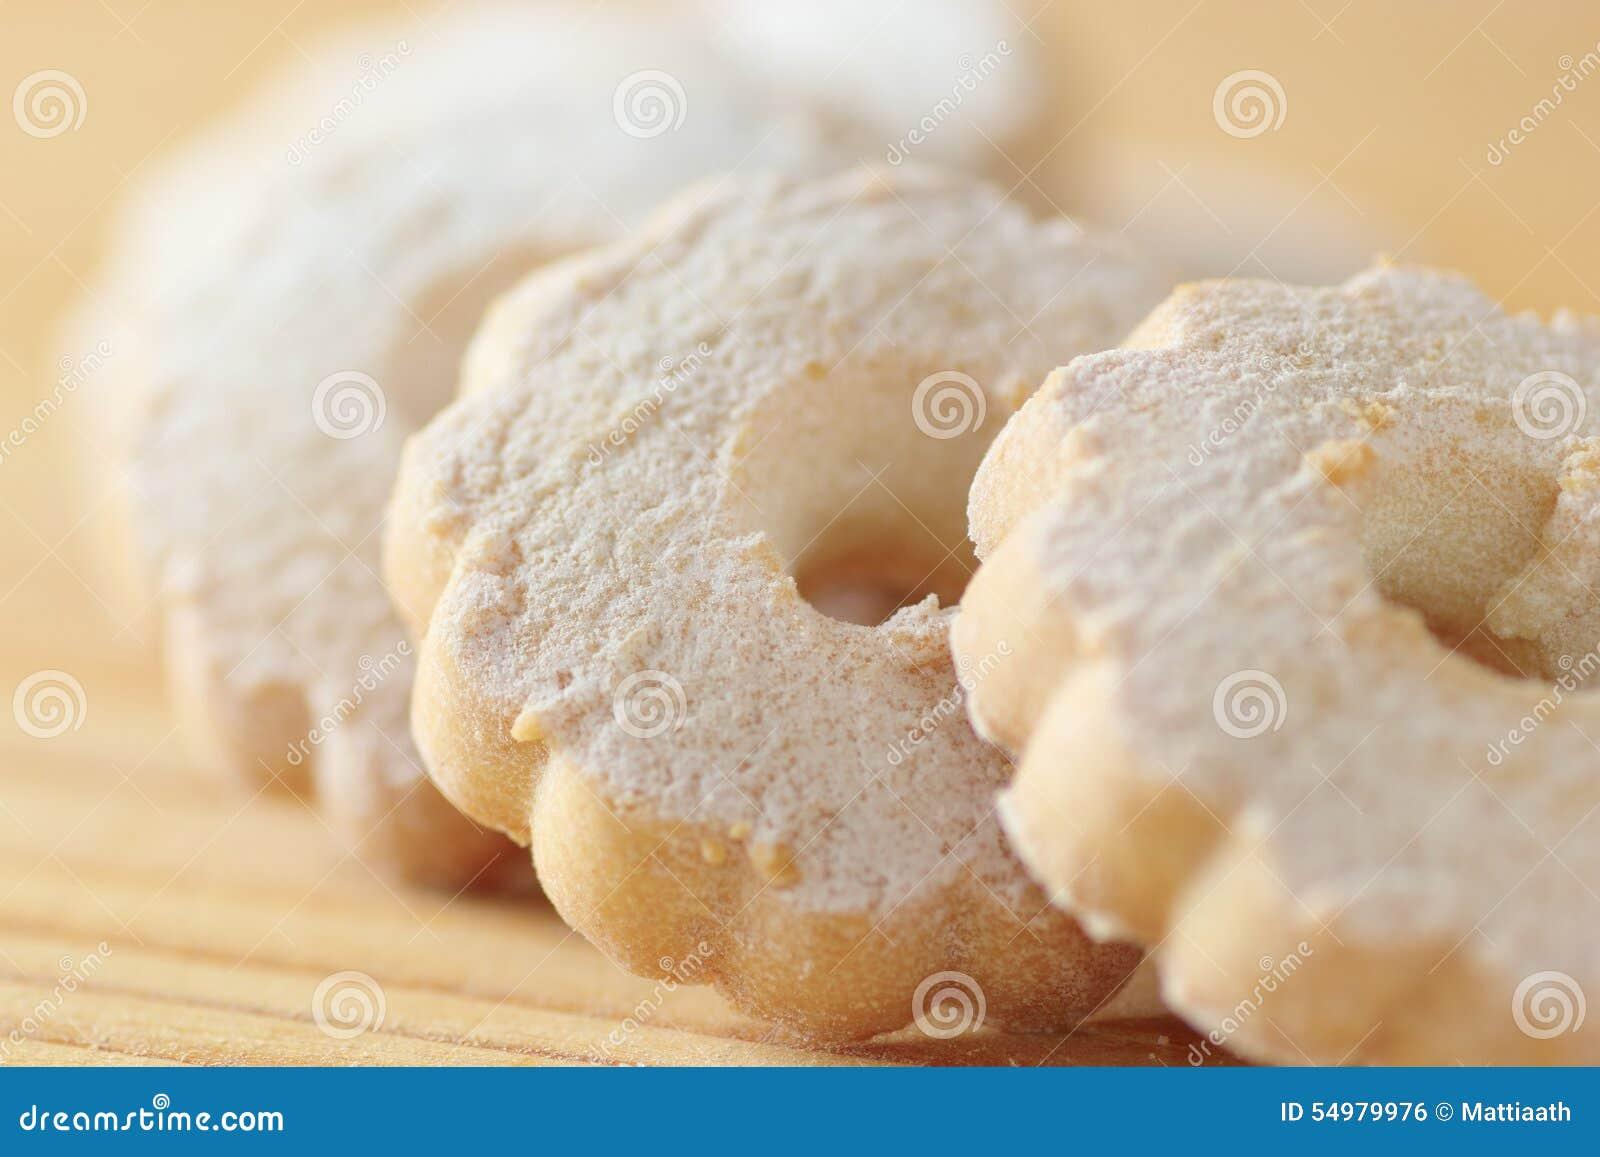 Biscotti italiani sistemati su una tavola di legno